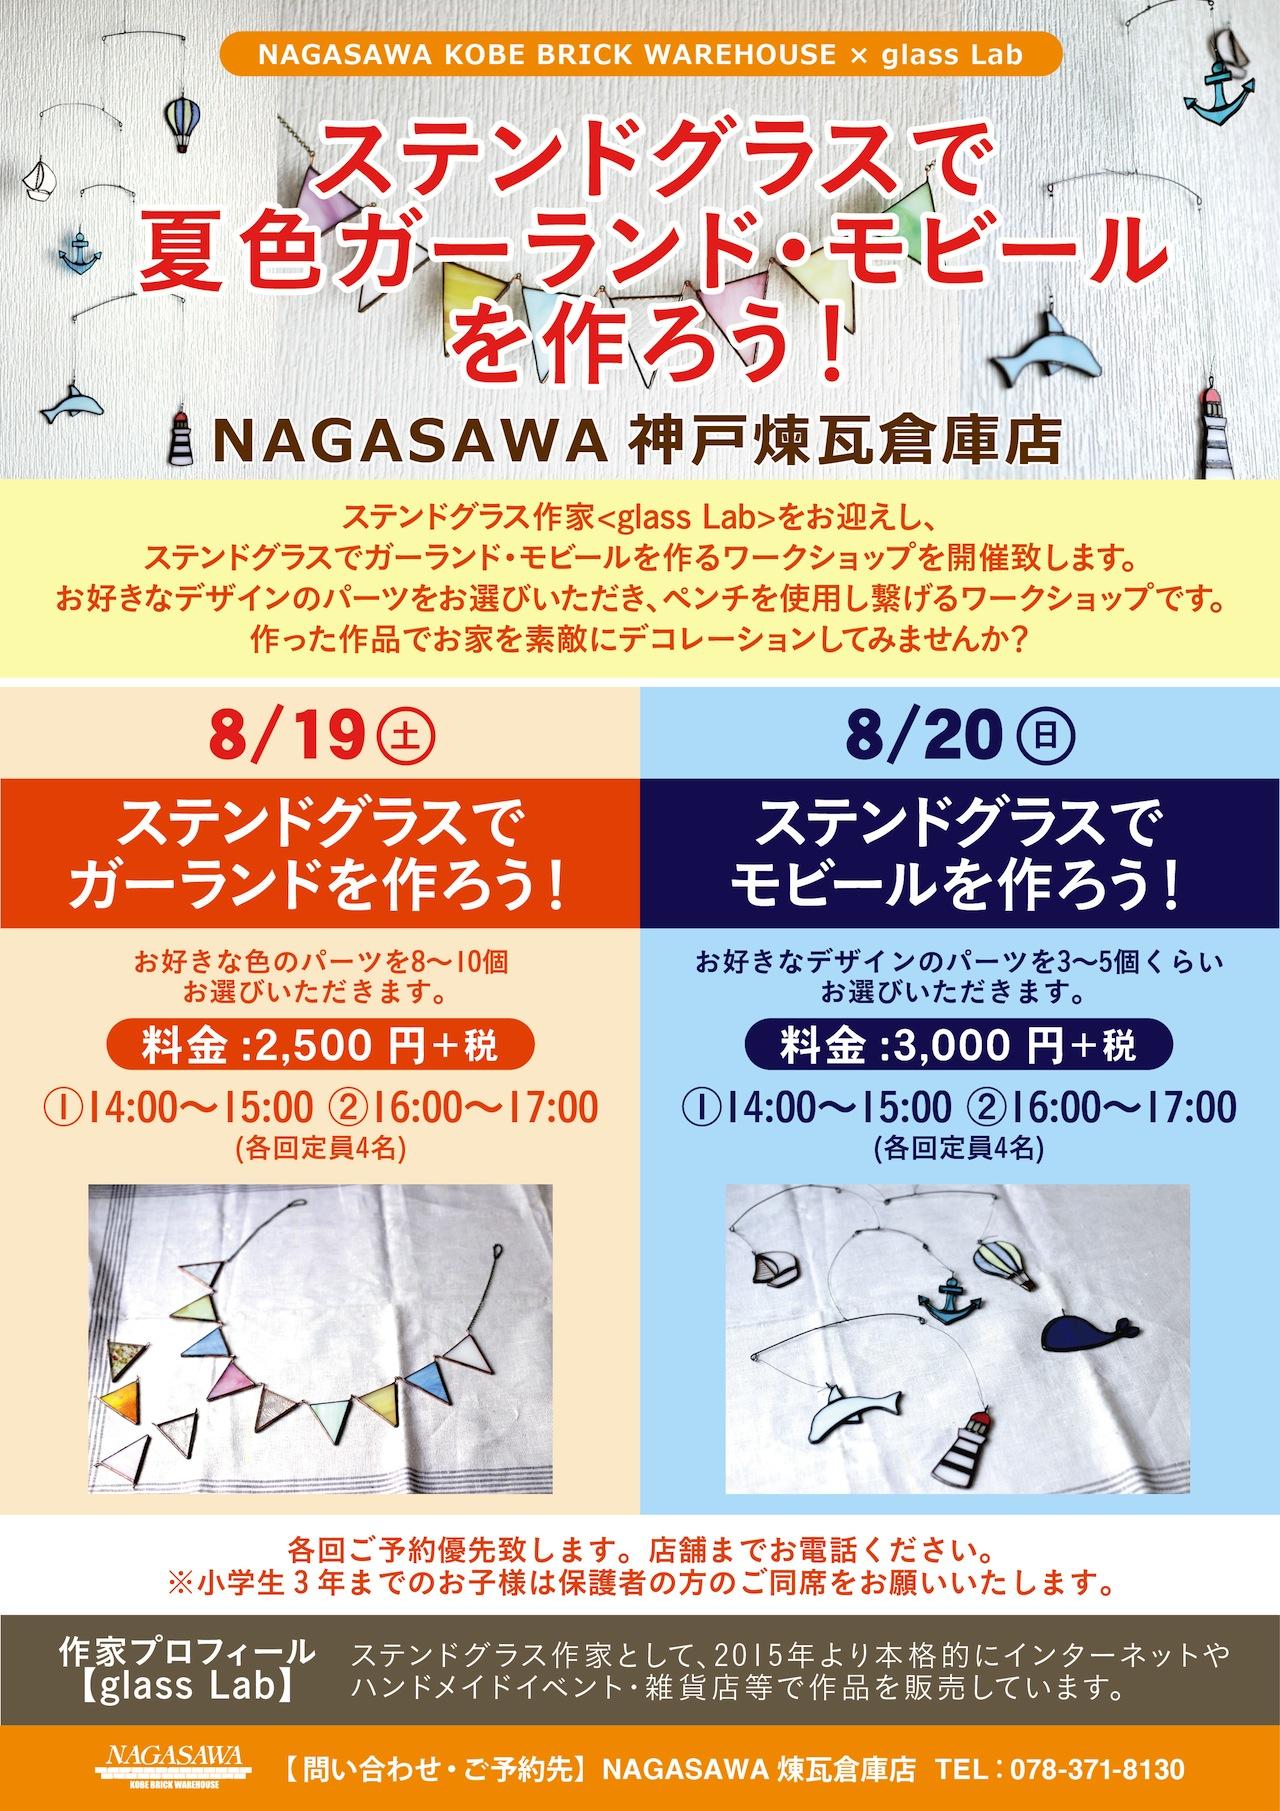 ステンドグラスで夏色モビール・ガーランドを作ろう! @NAGASAWA神戸煉瓦倉庫店